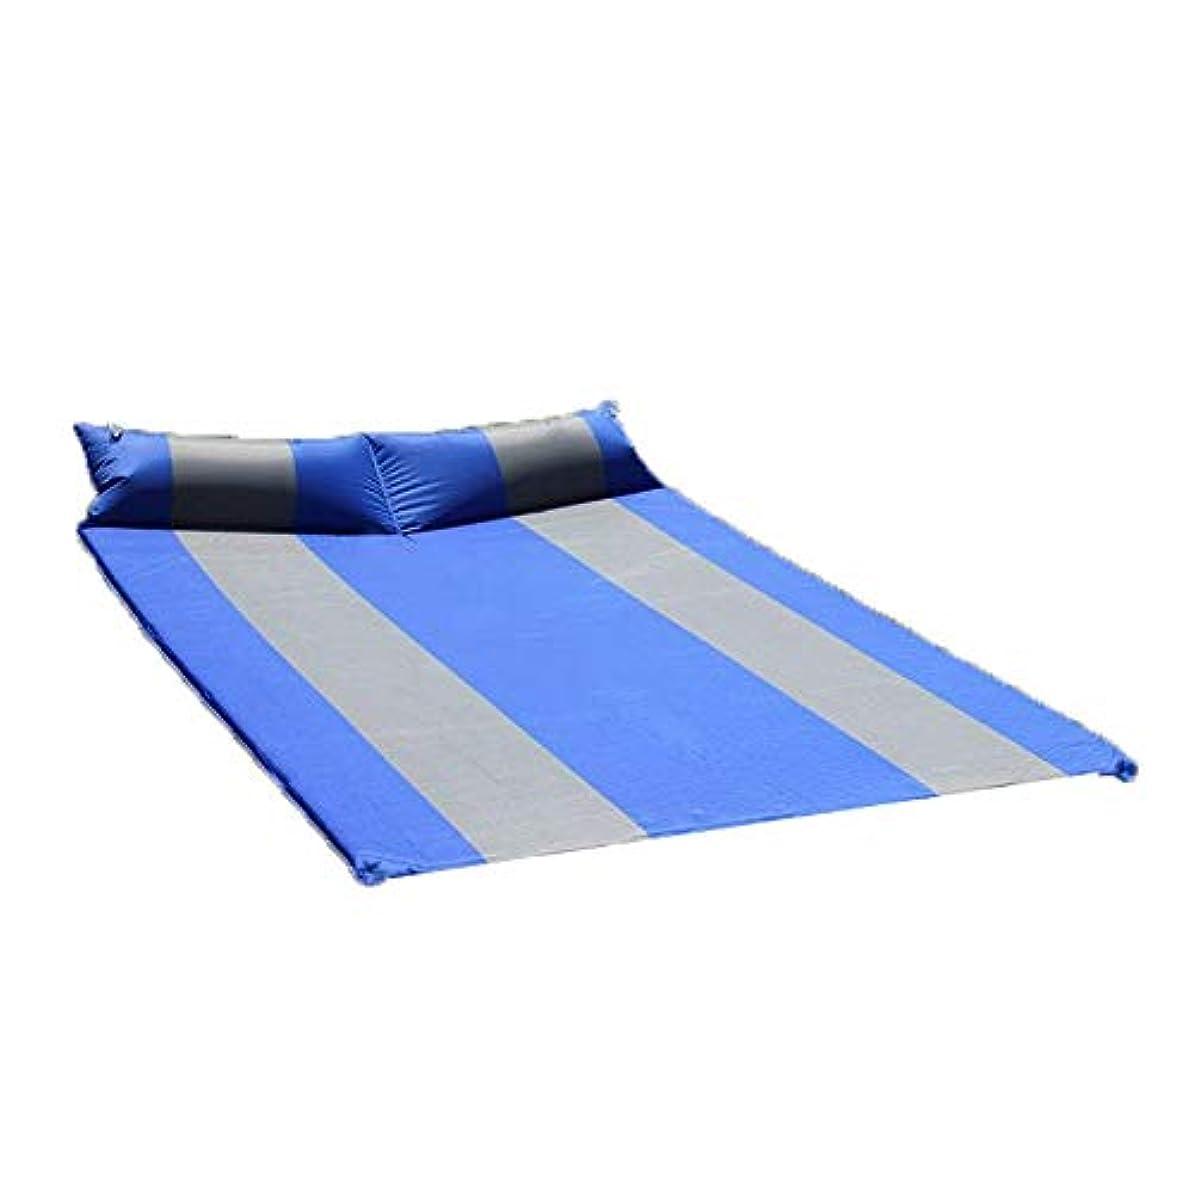 専門化するラウズ選挙付属の枕付き防水軽量2人用インフレータブル屋外エアマットレスコンパクト厚いフォームダブル自己膨張キャンプスリーピングパッド (色 : 青, サイズ : 74.8*51.9*1.38inches)